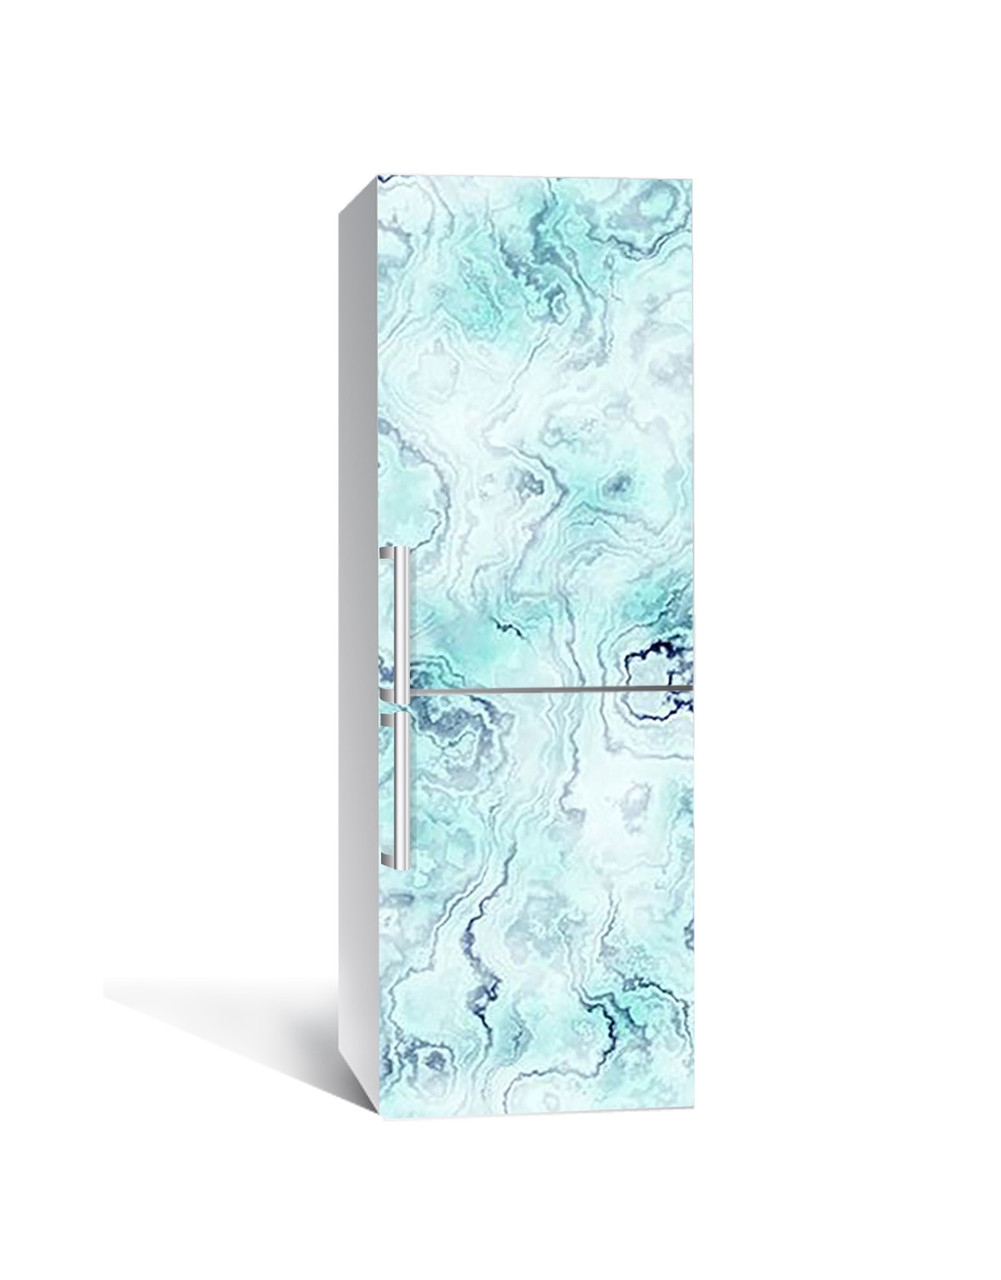 Декор 3Д наклейка на холодильник Бірюза Мармур Камінь (плівка ПВХ фотодрук) 65*200см Текстура Блакитний